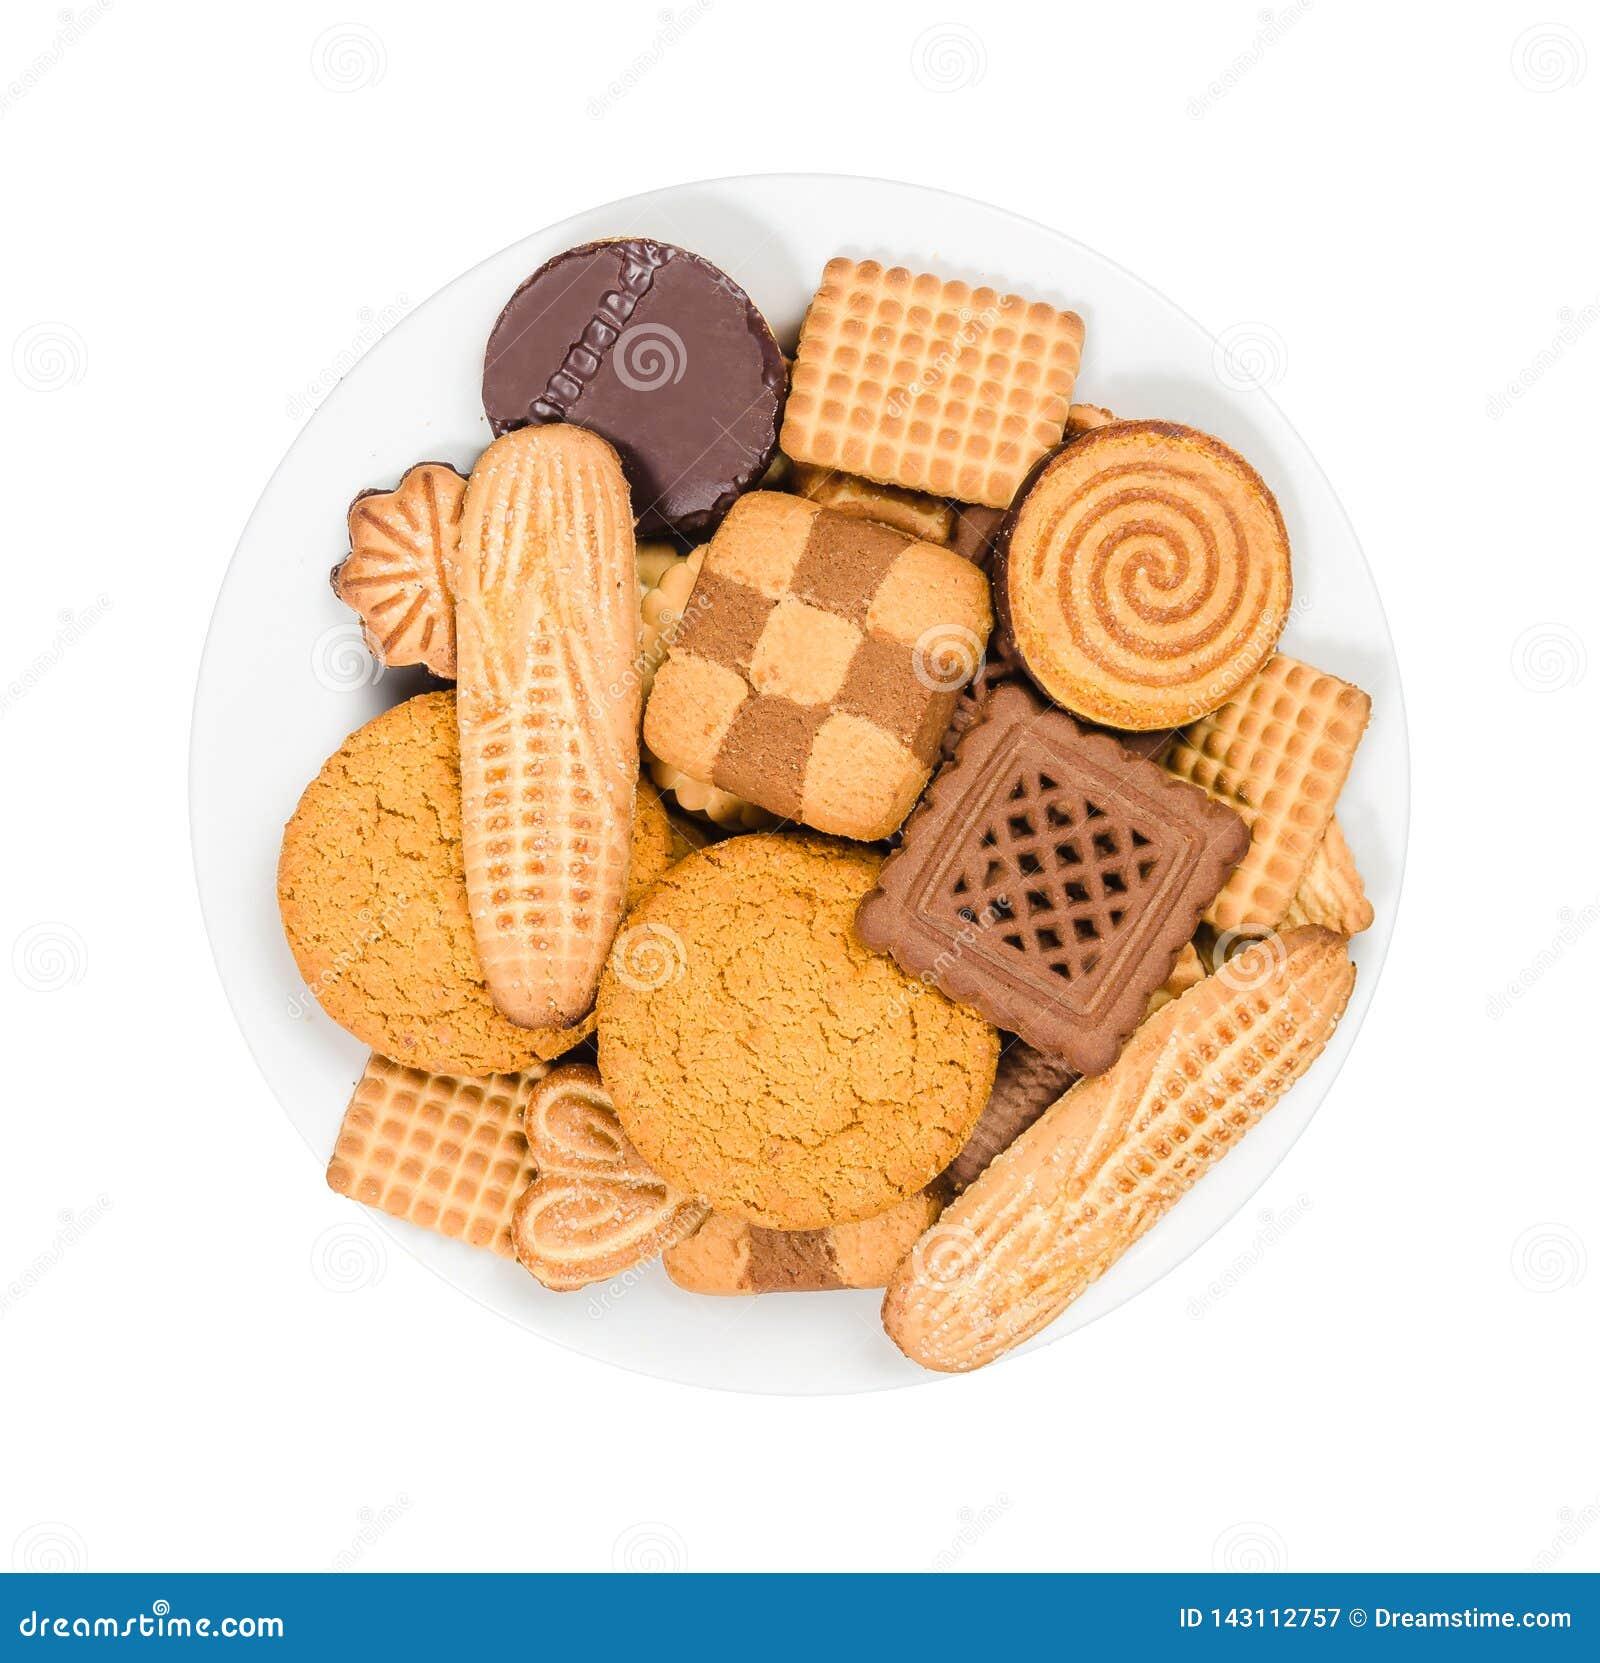 Ποικιλία των γλυκών μπισκότων σε ένα πιάτο στο άσπρο υπόβαθρο, τοπ άποψη